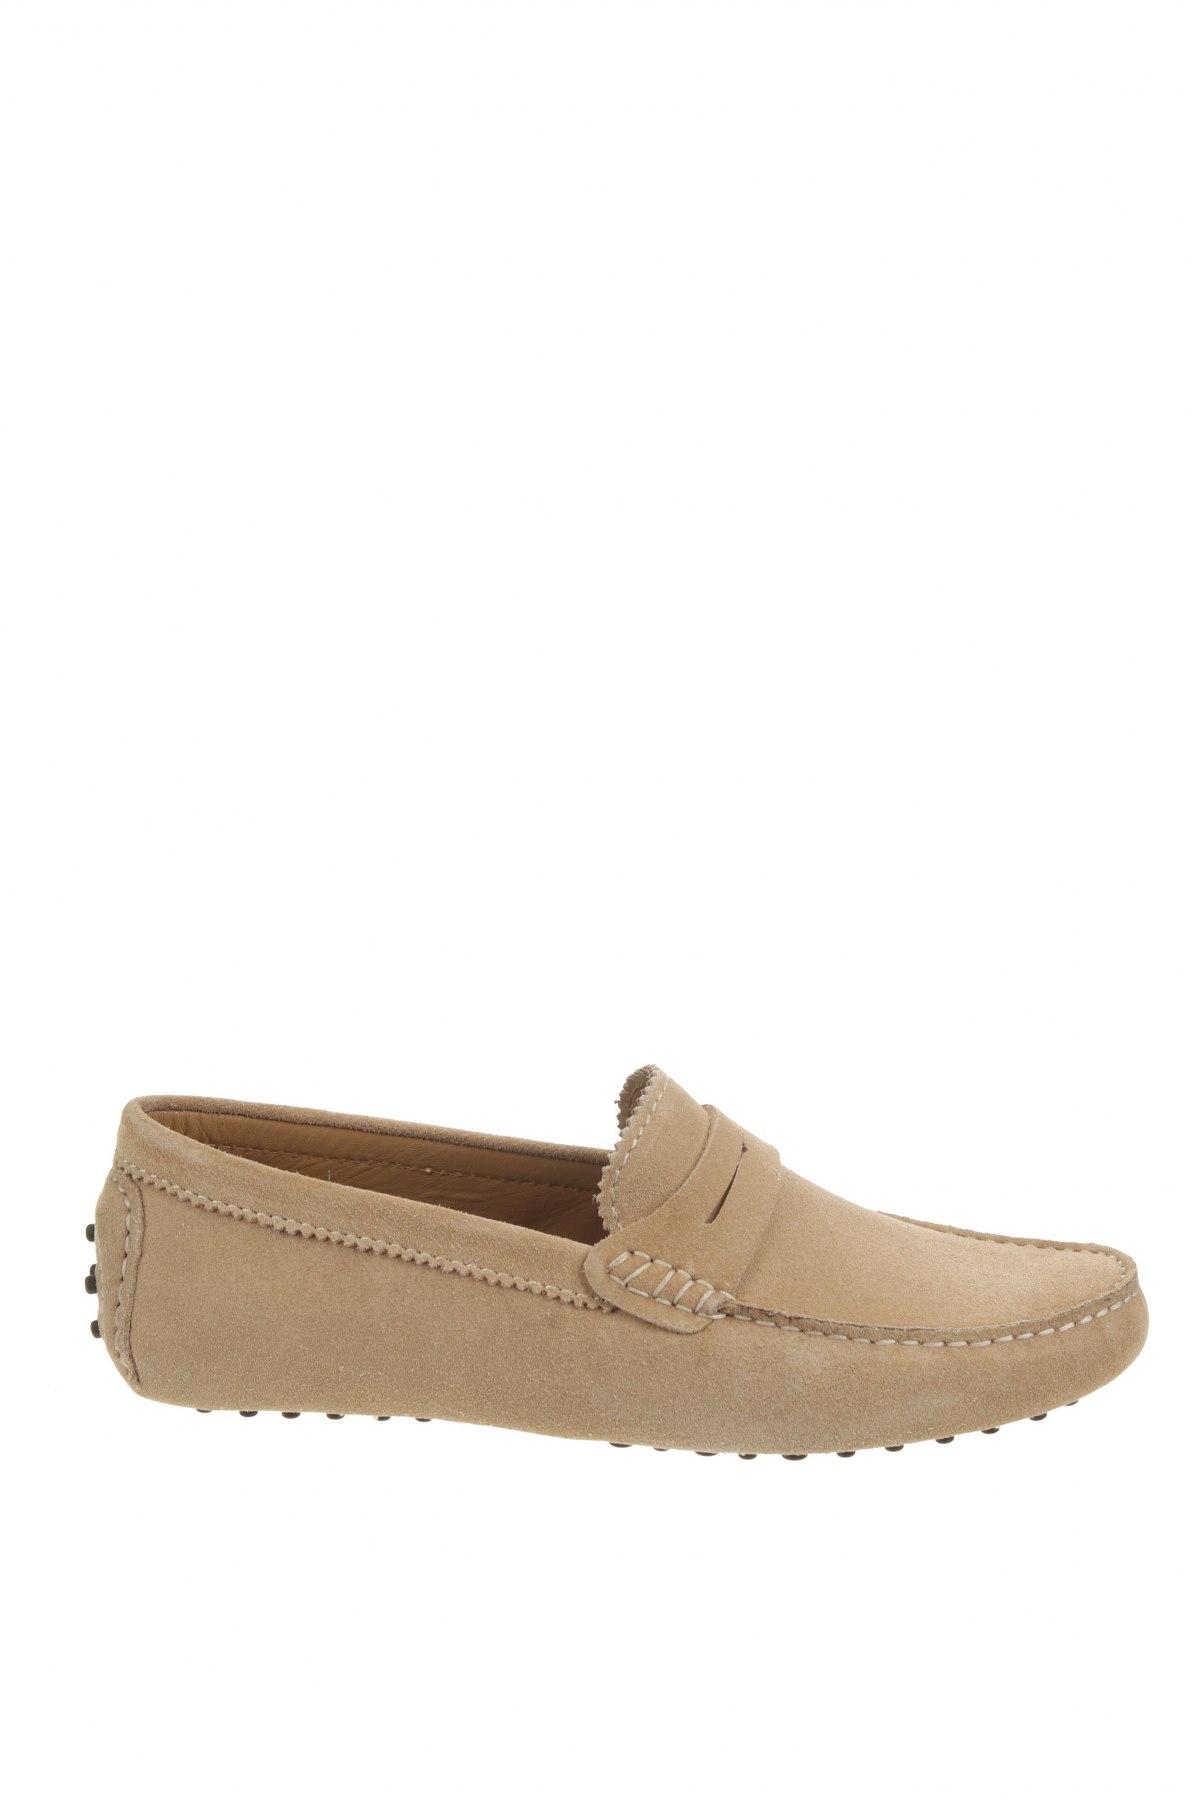 Ανδρικά παπούτσια John Scott, Μέγεθος 42, Χρώμα  Μπέζ, Φυσικό σουέτ, Τιμή 25,15€